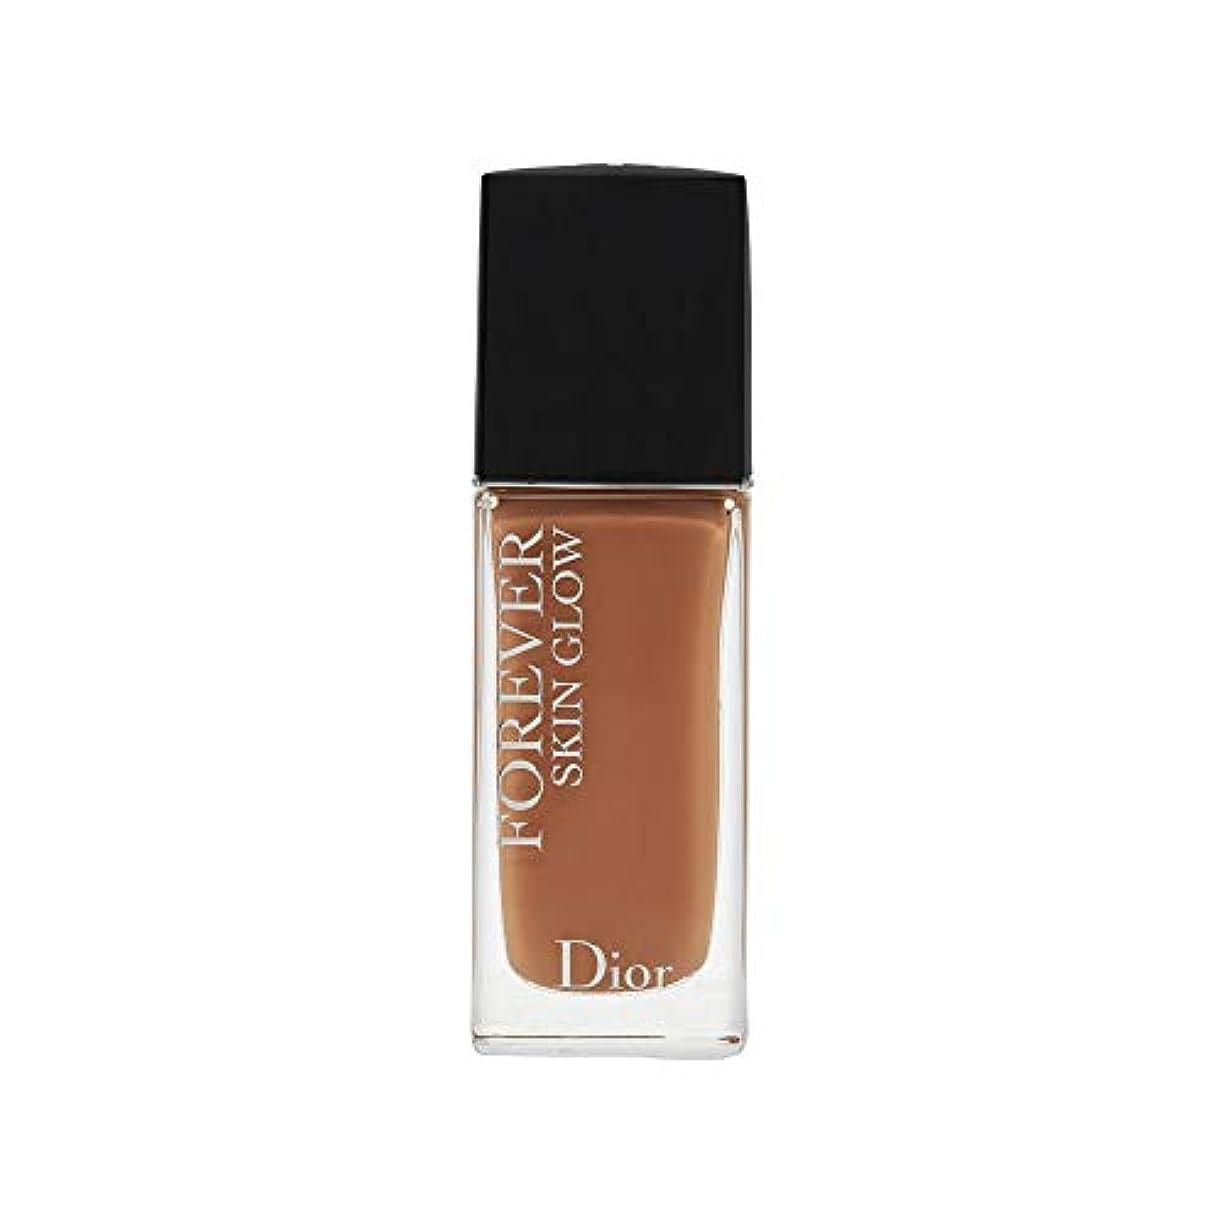 セラフ論理的にライセンスクリスチャンディオール Dior Forever Skin Glow 24H Wear High Perfection Foundation SPF 35 - # 4N (Neutral) 30ml/1oz並行輸入品